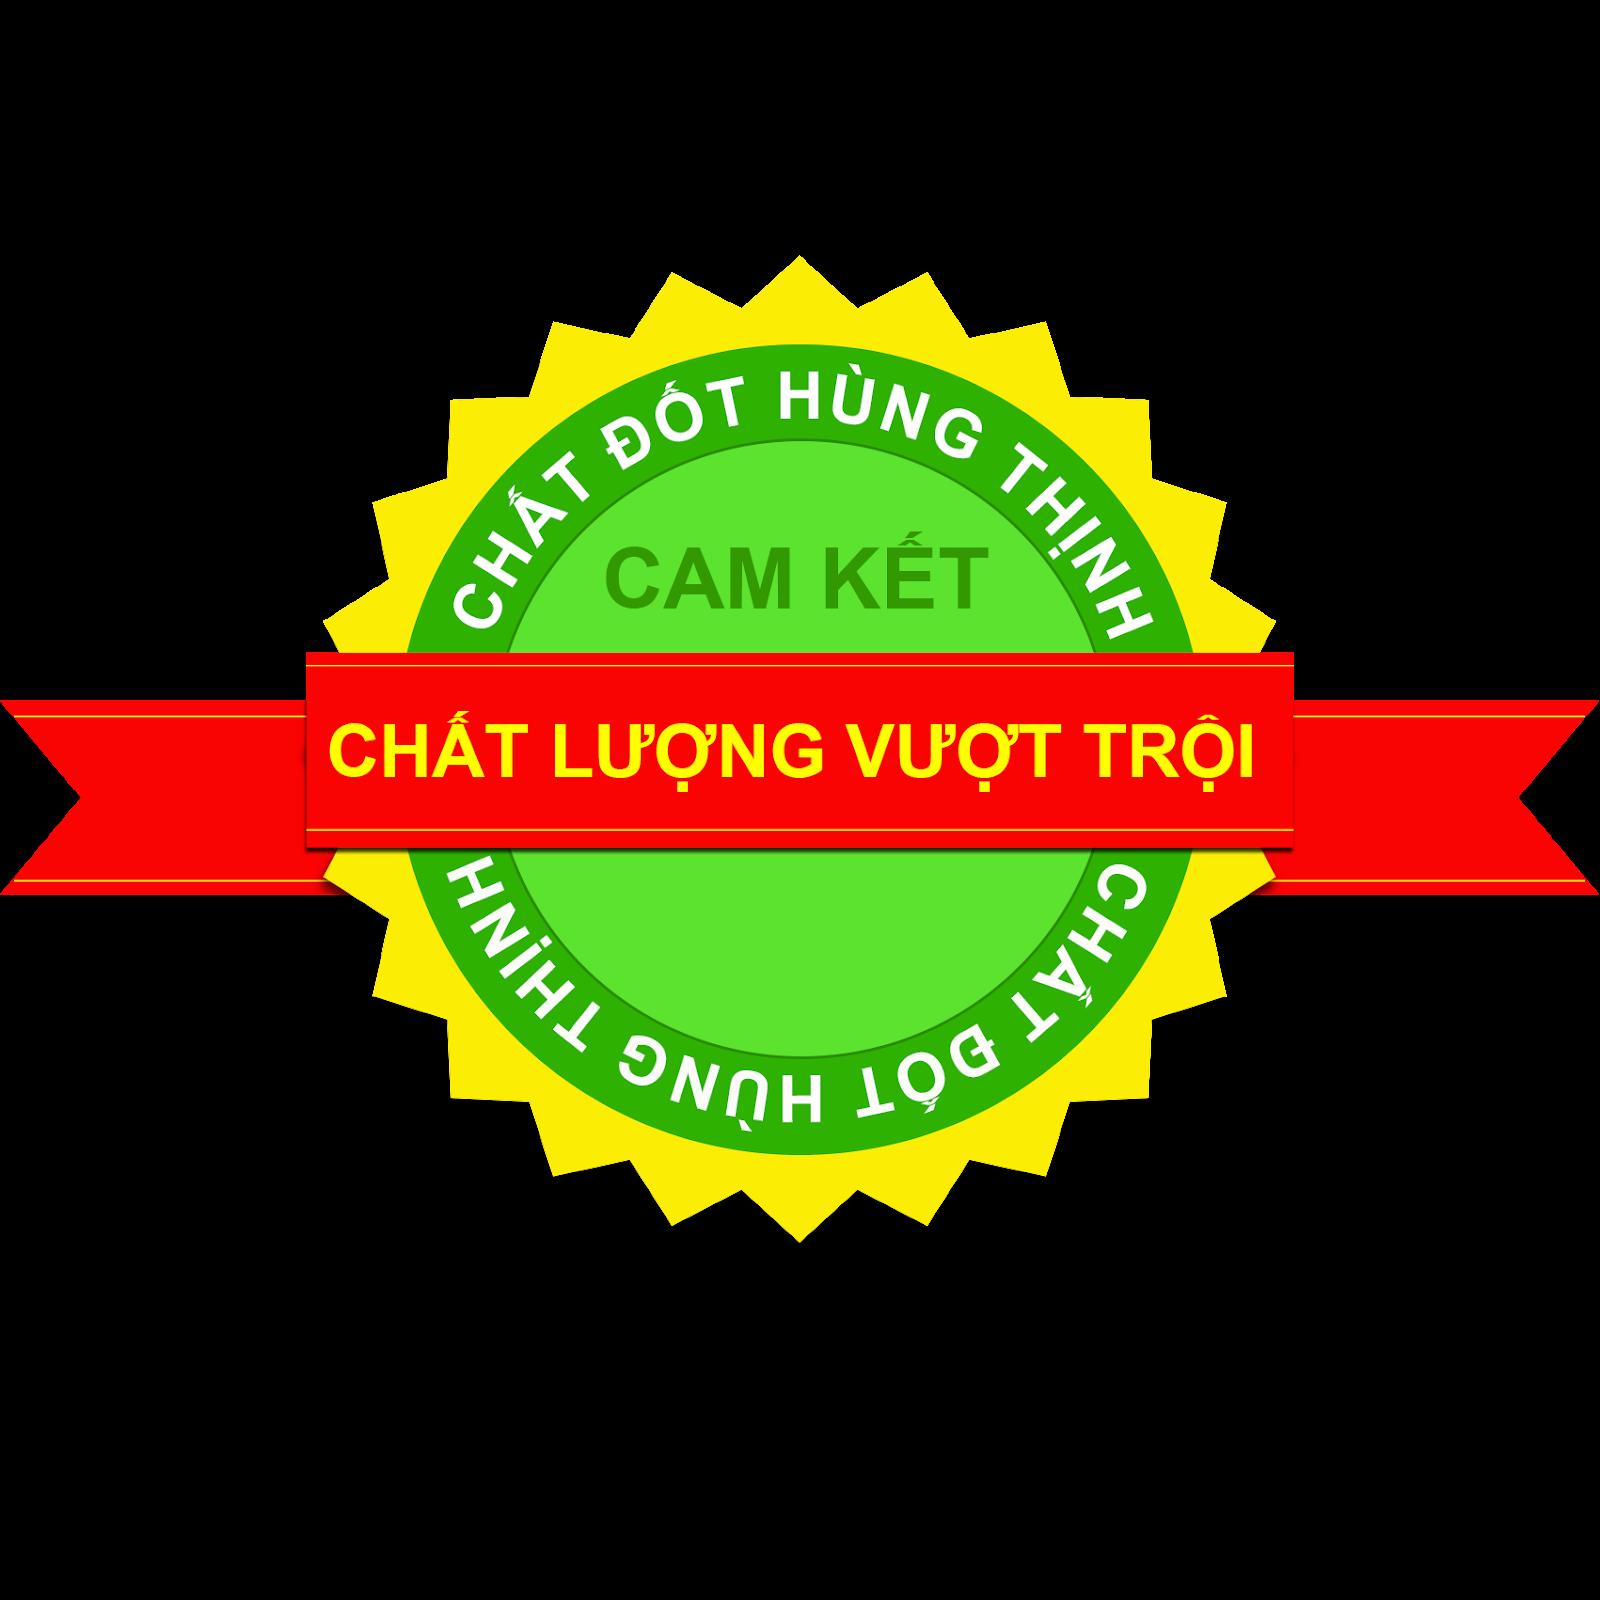 Củi mùn cưa Sm90 Hùng Thịnh